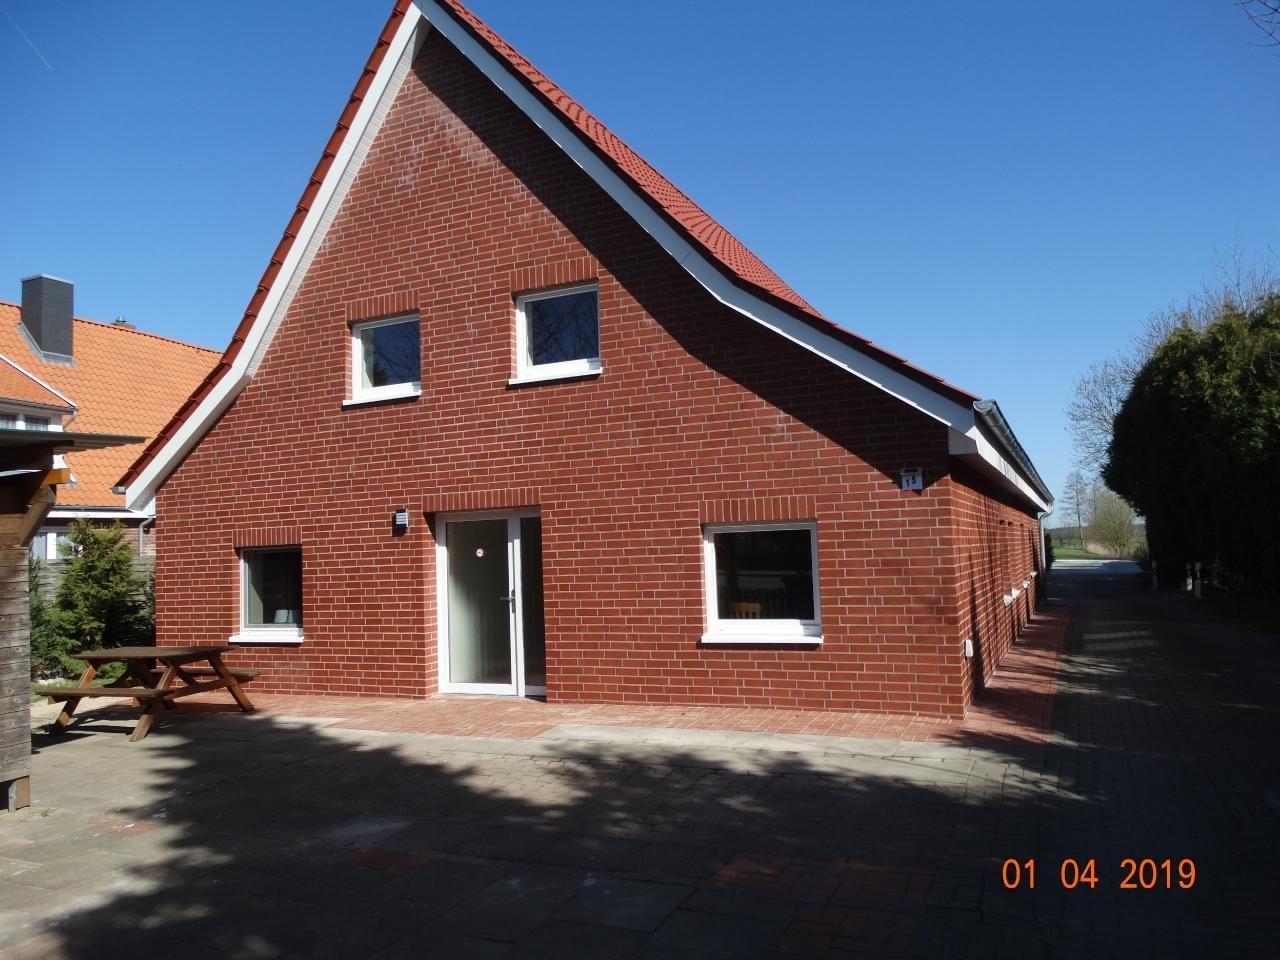 Ferienhaus Elli Landkreis Cuxhaven auch für R  in Deutschland